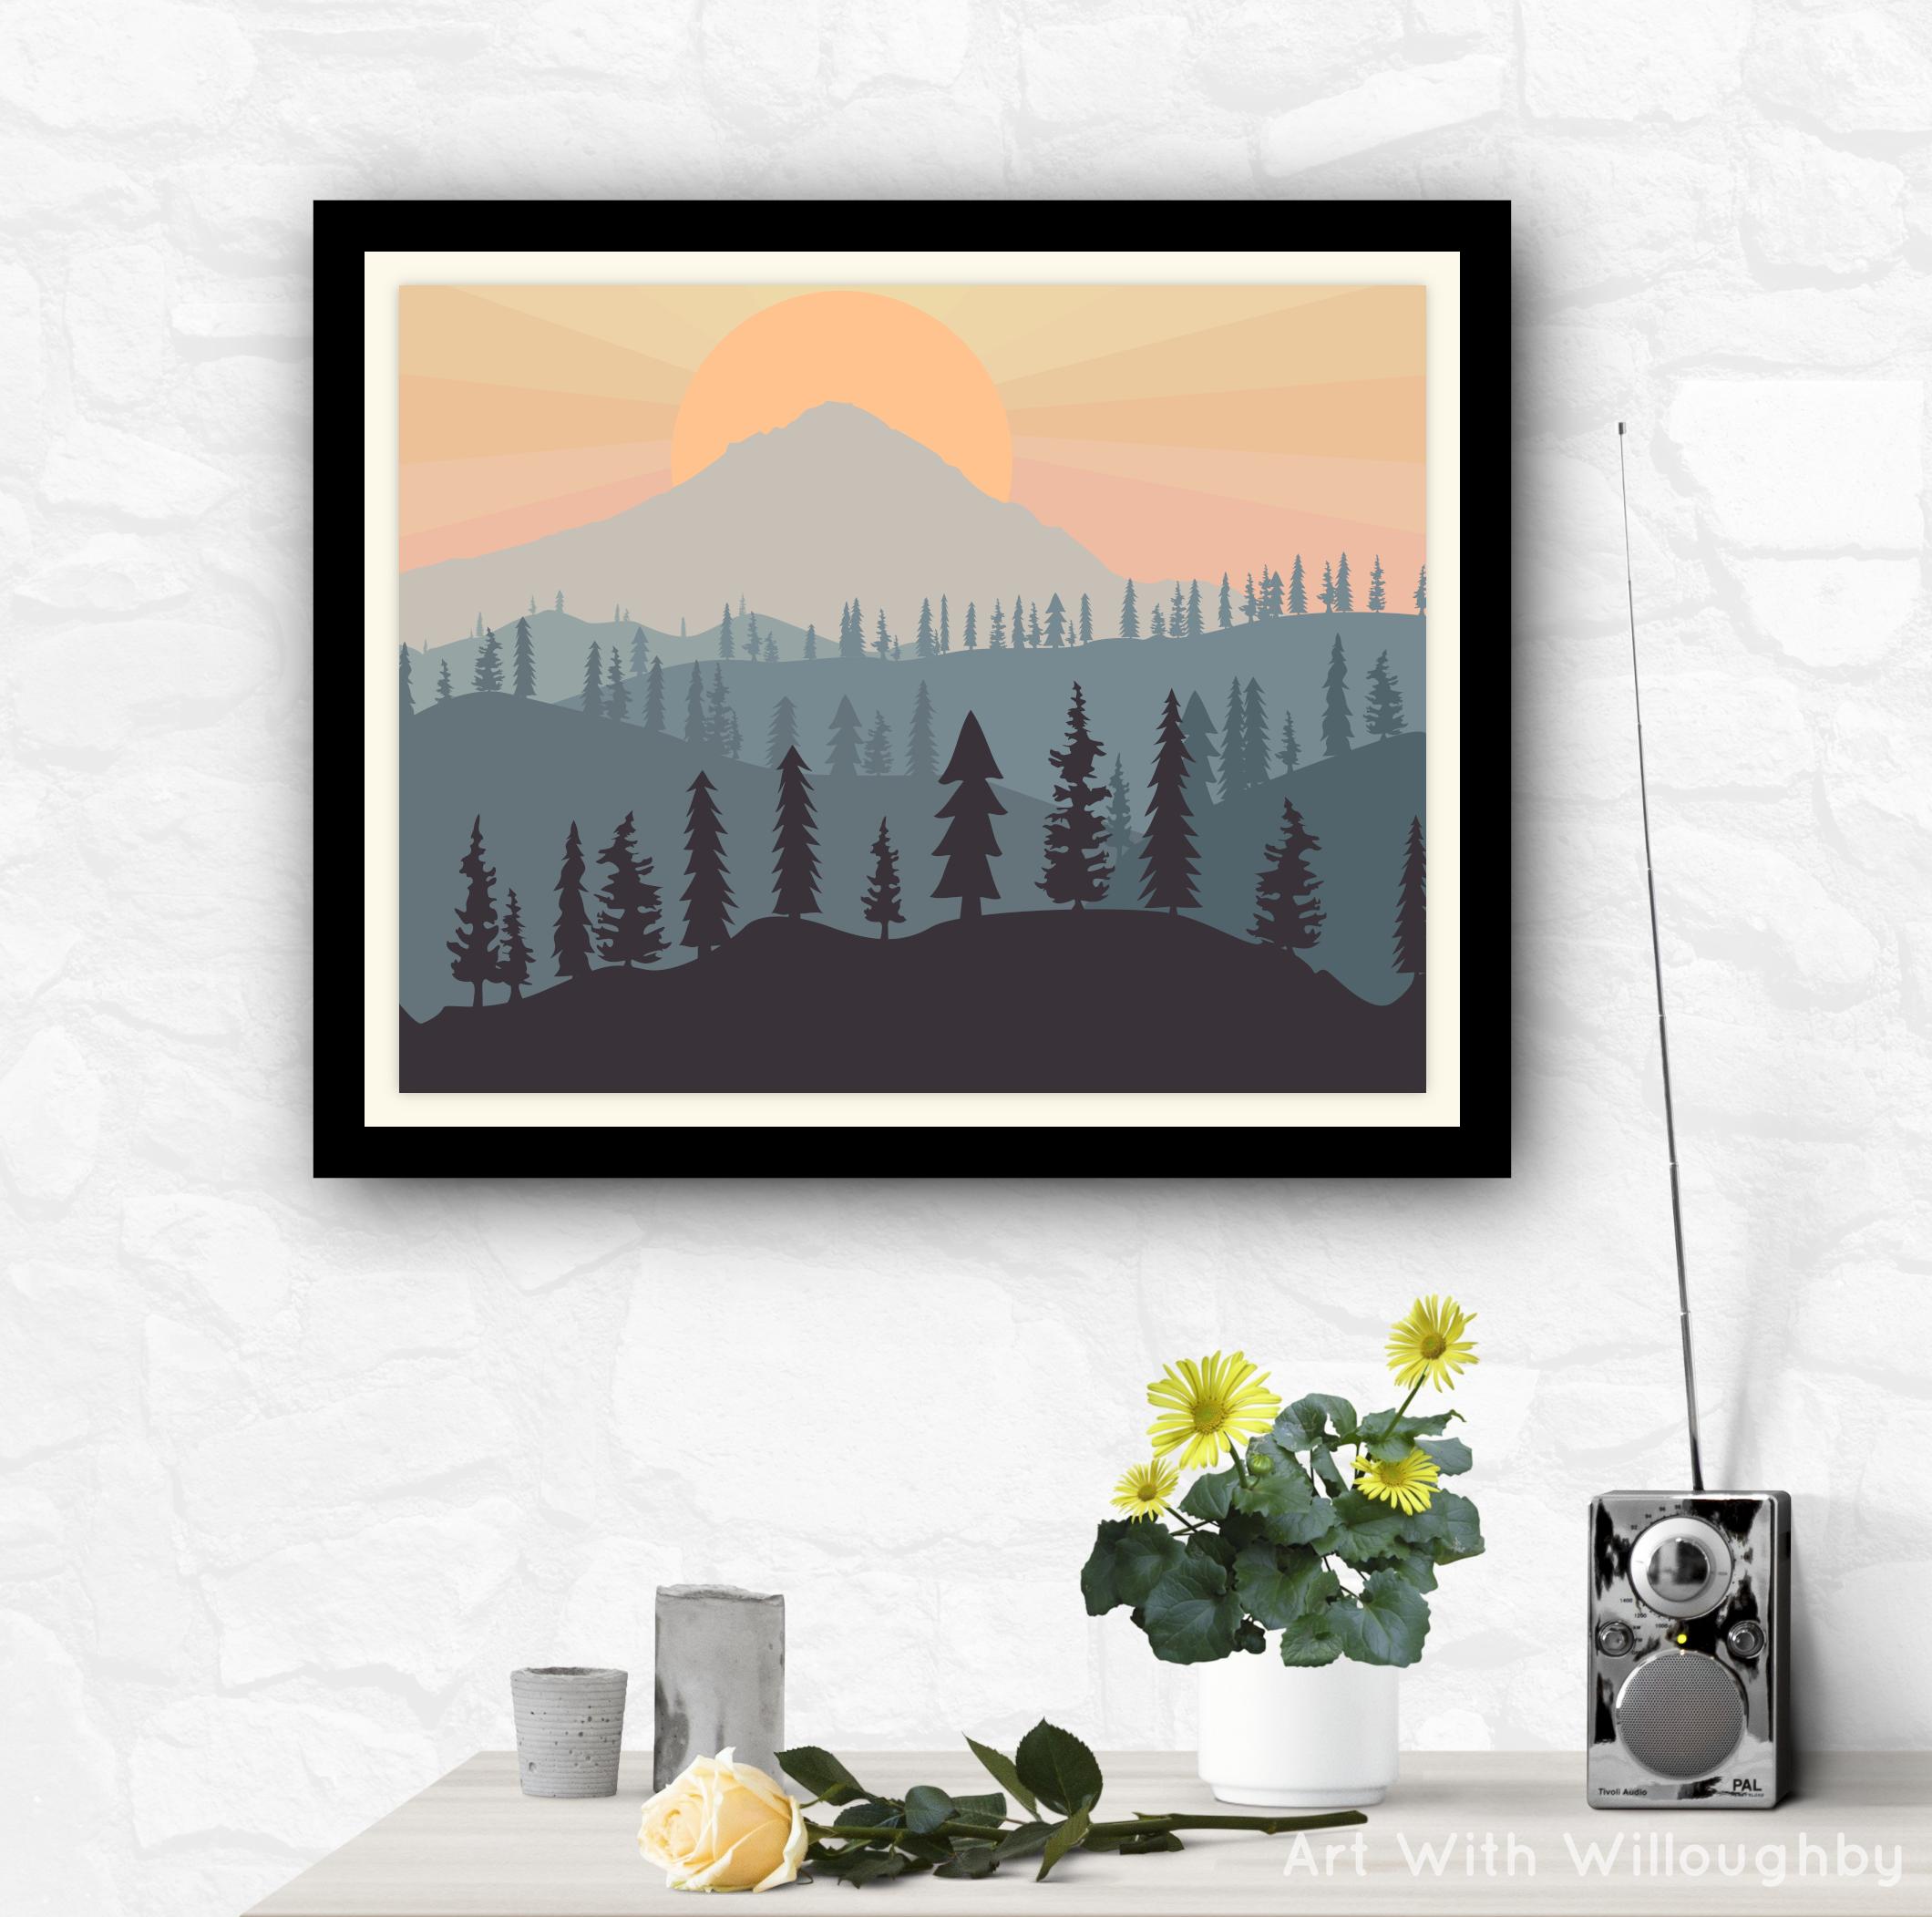 Mt Hood National Forest Digital Illustration 300dpi Png Etsy Digital Art Prints Wall Art Prints Digital Illustration